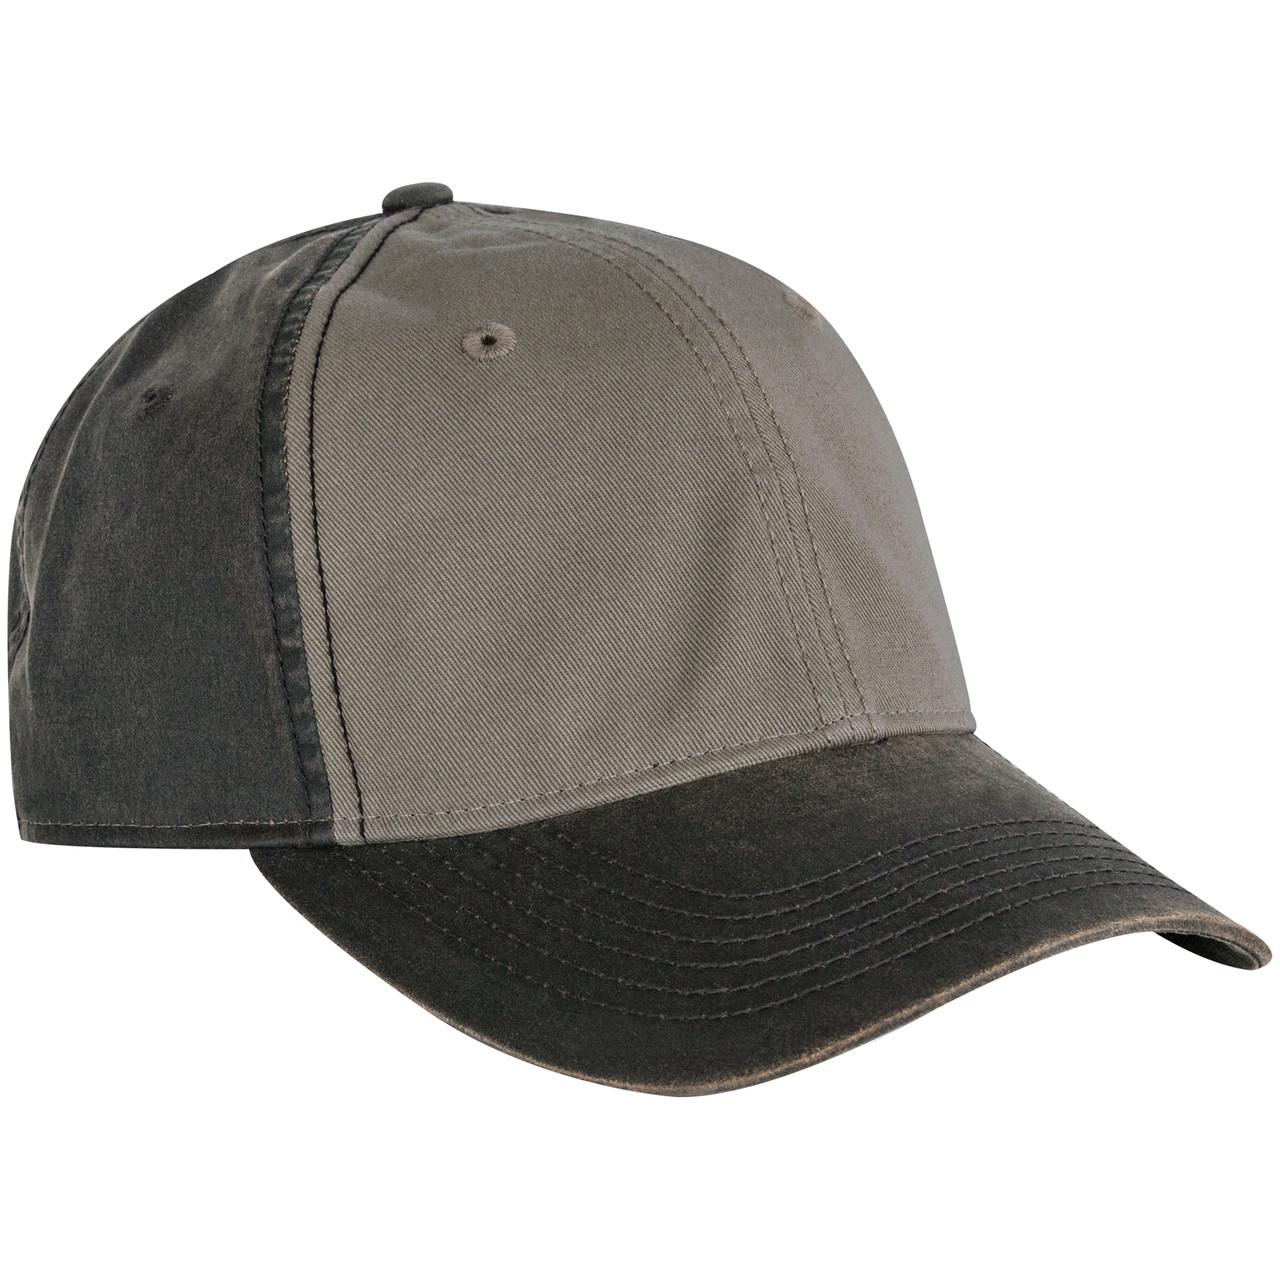 DriDuck Field Cap with Waxy Back DD3701